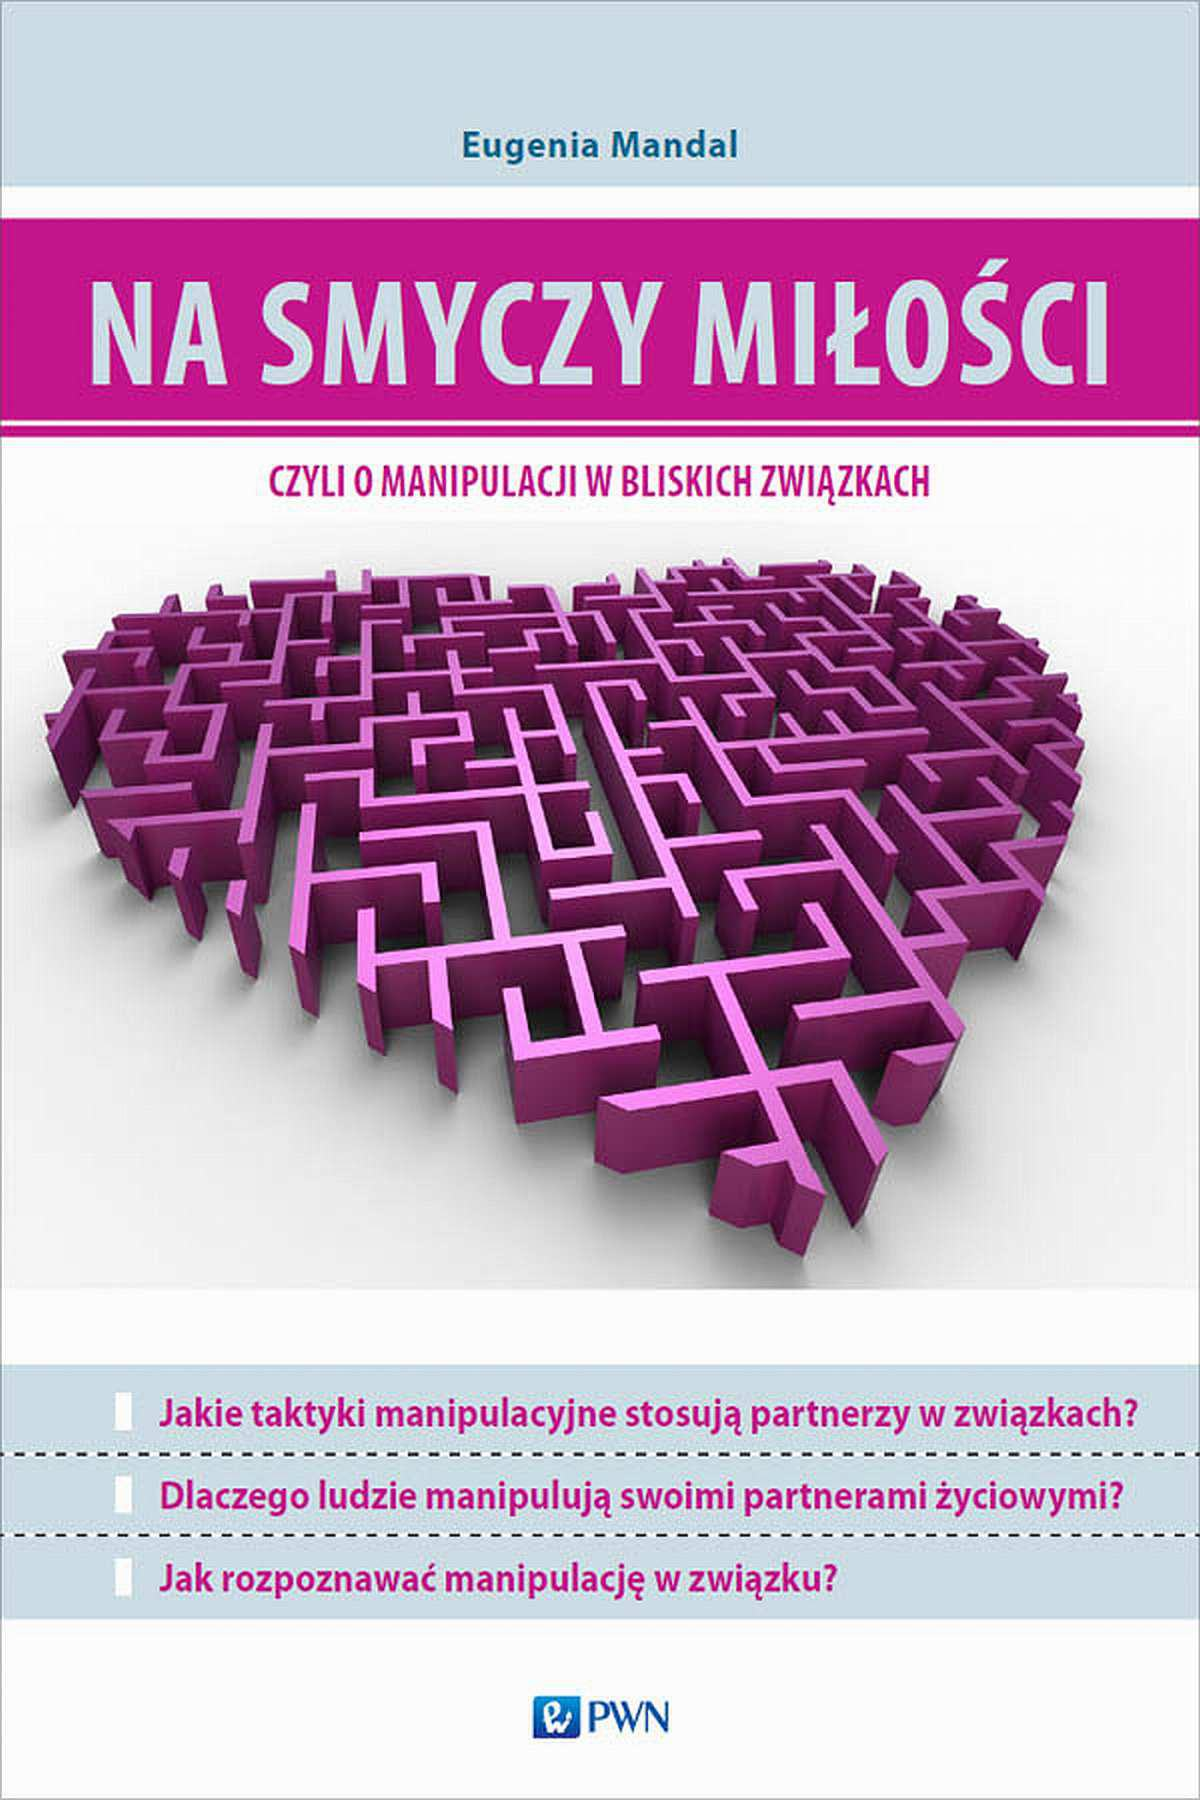 Na smyczy miłości, czyli o manipulacji w bliskich związkach - Ebook (Książka EPUB) do pobrania w formacie EPUB